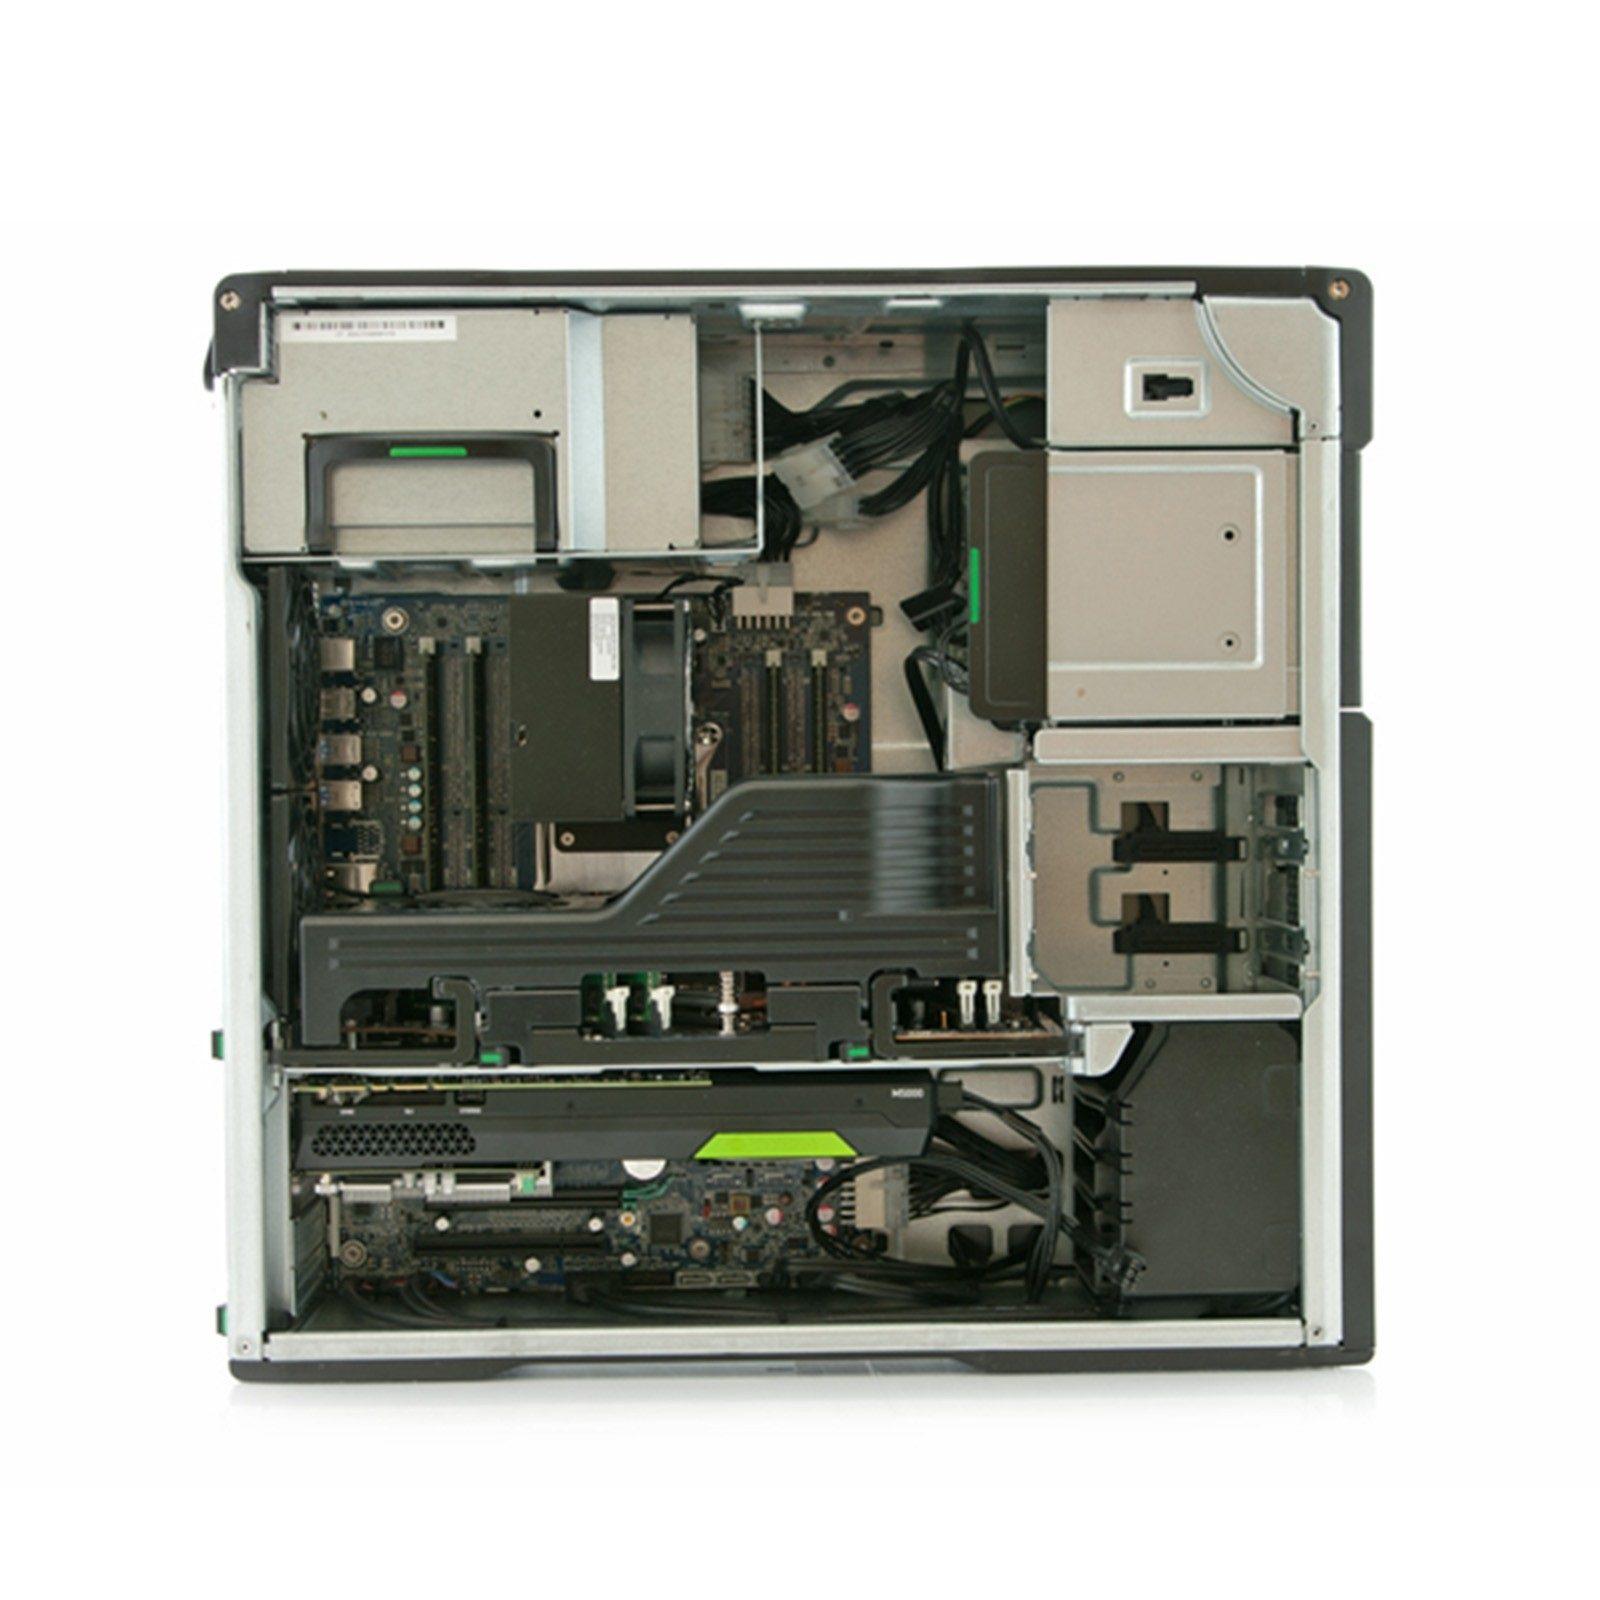 دسکتاپ HP مدل Z640 WorkStation